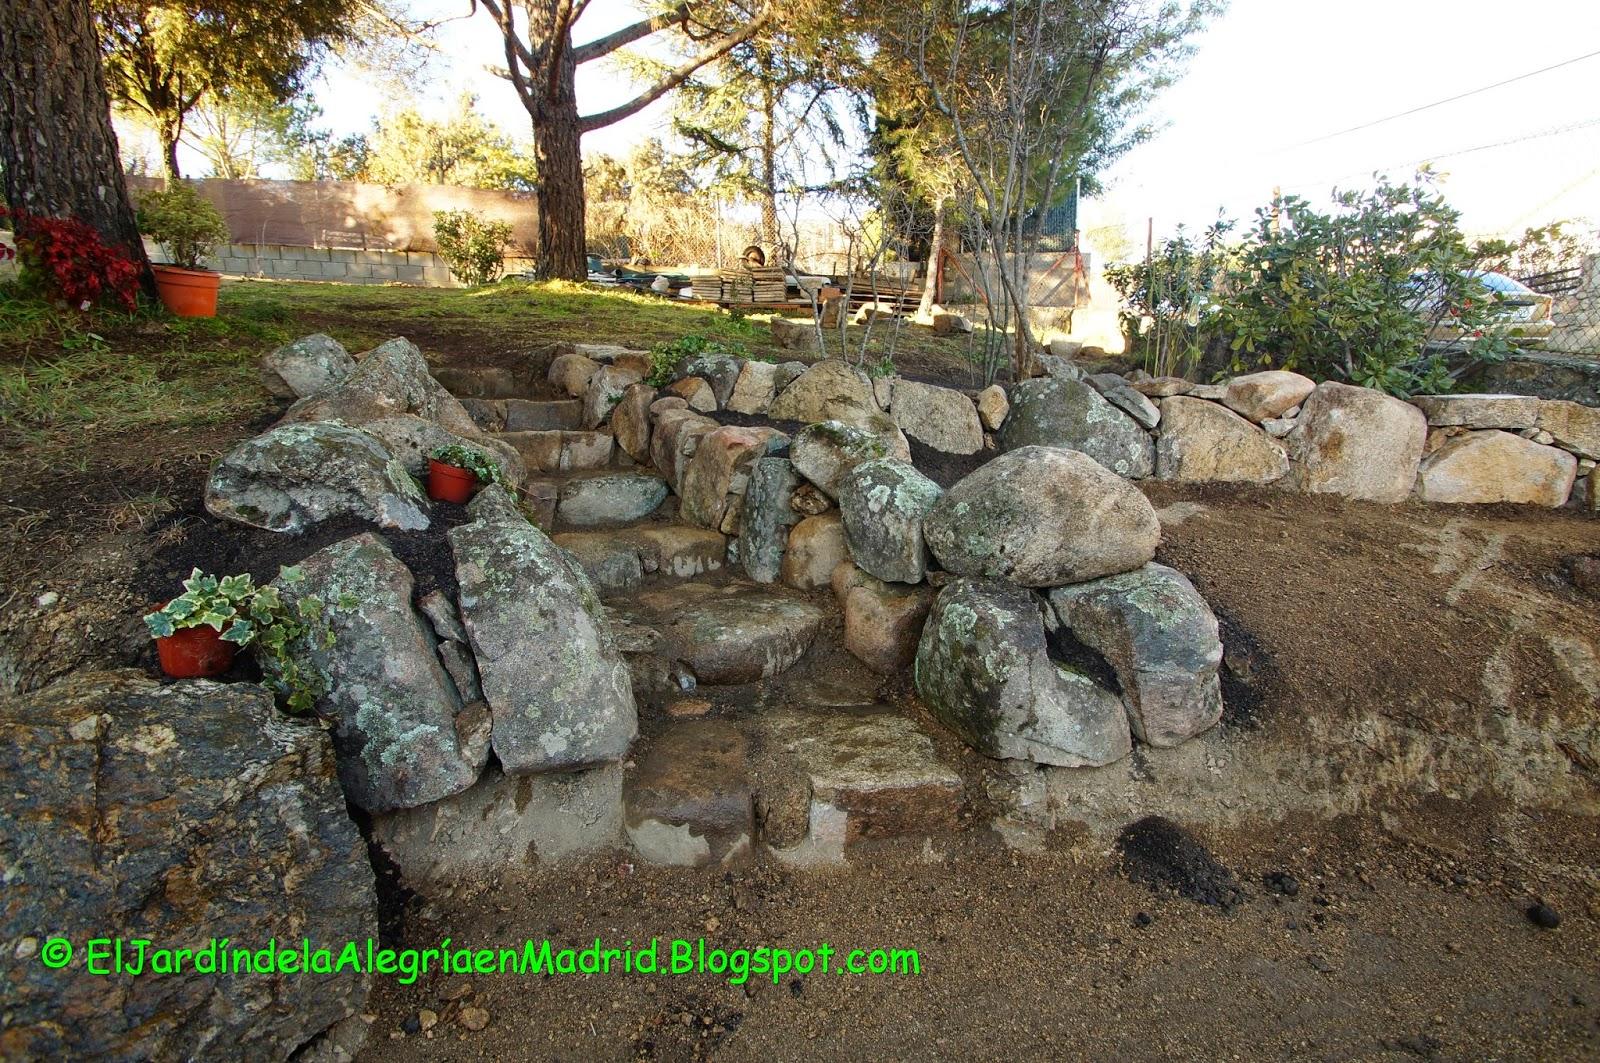 El jard n de la alegr a la salida del jard n secreto for Escaleras para caminar fuera del jardin